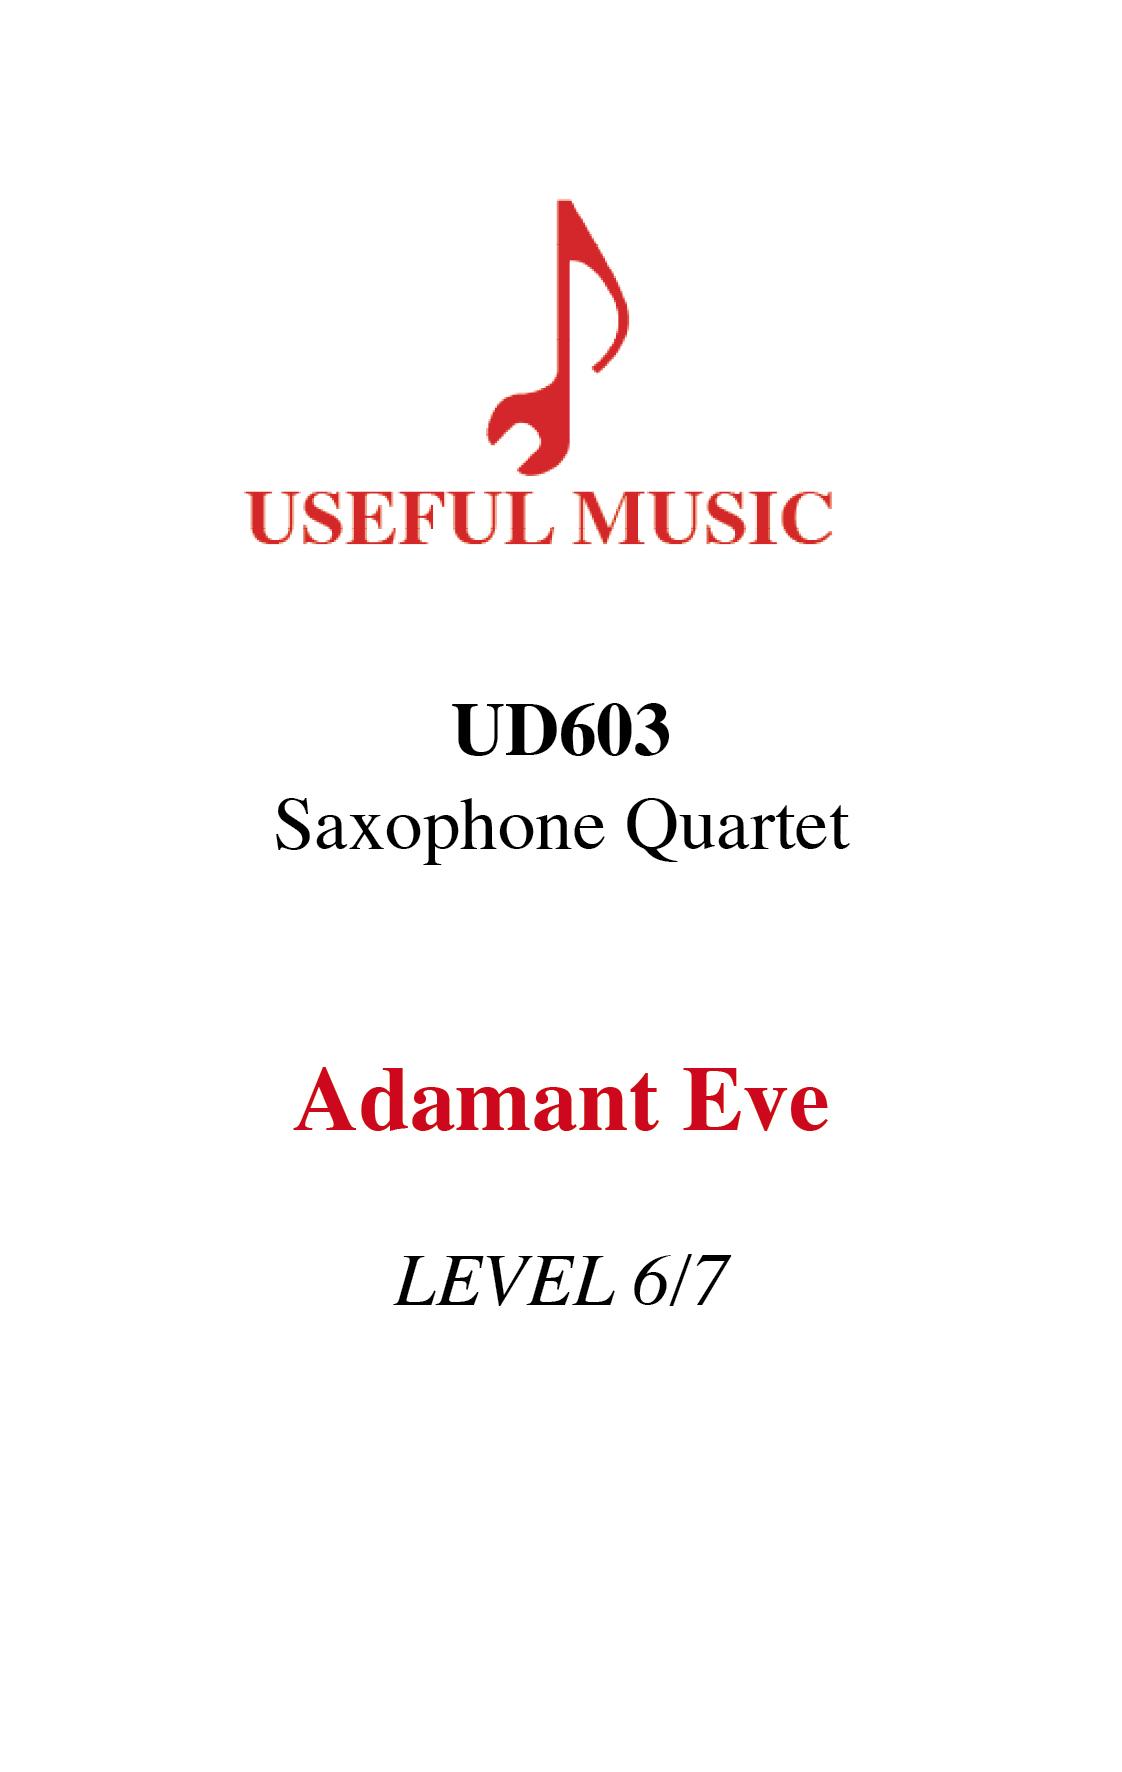 Adamant Eve - Saxophone Quartet